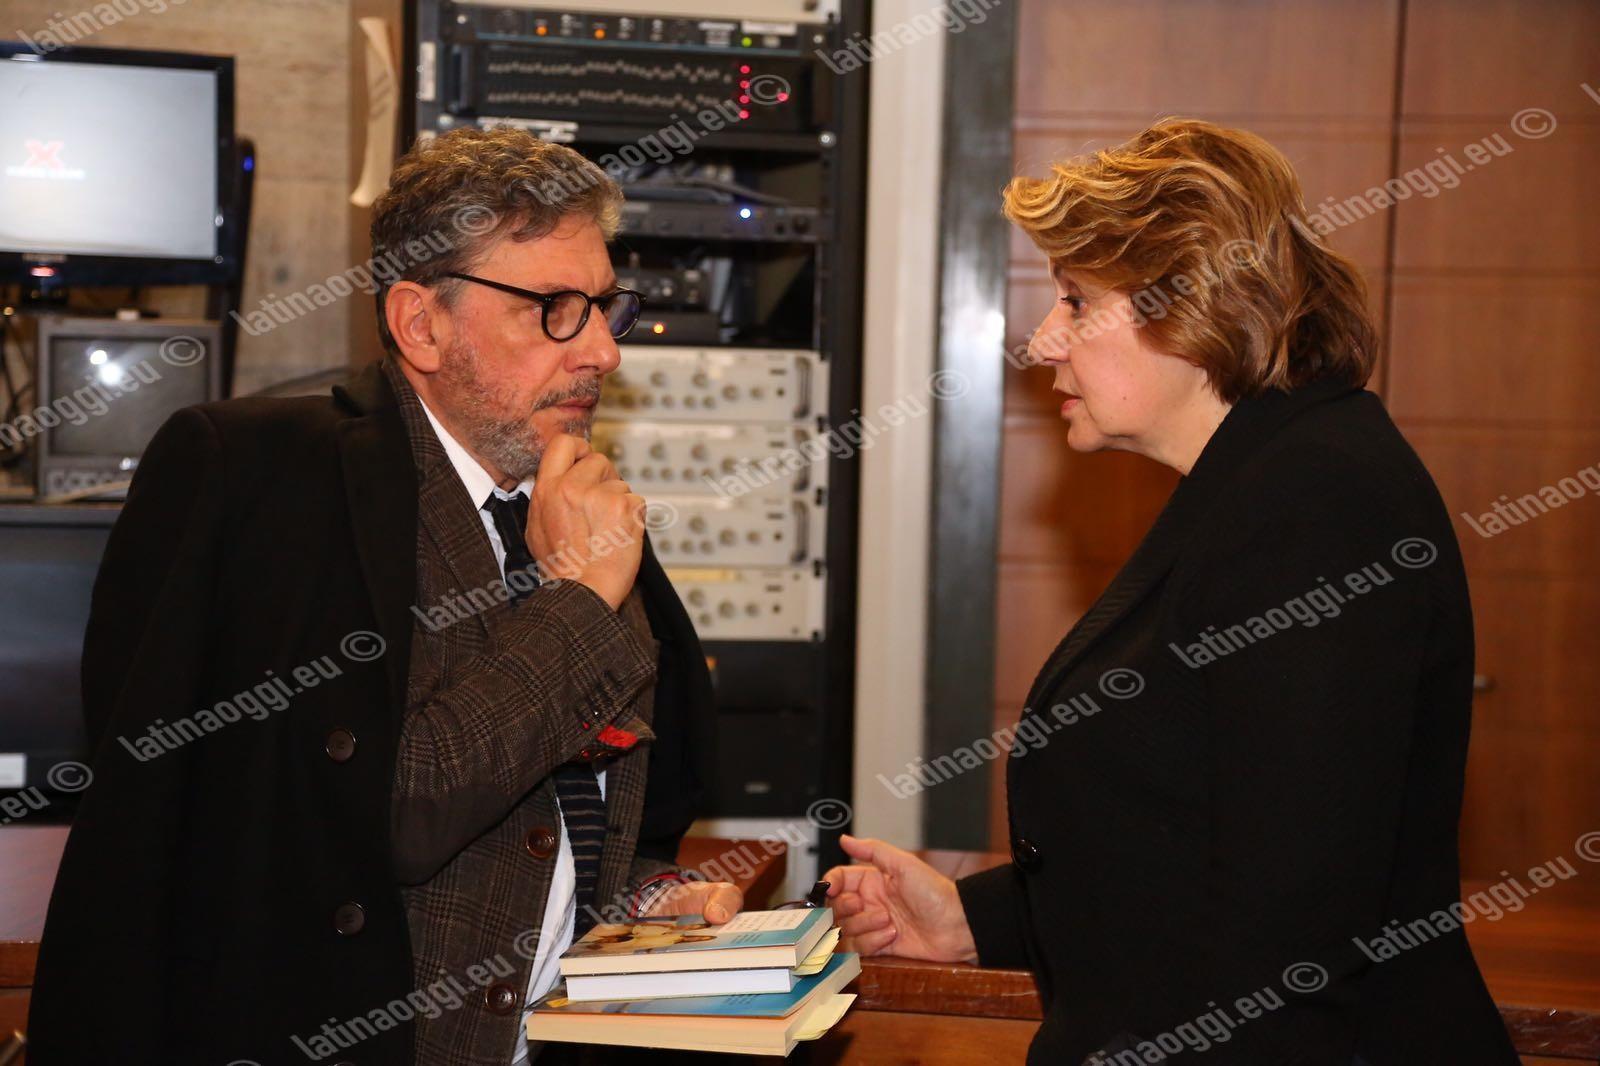 Sergio Castellitto interpreta il magistrato Rocco Chinnici